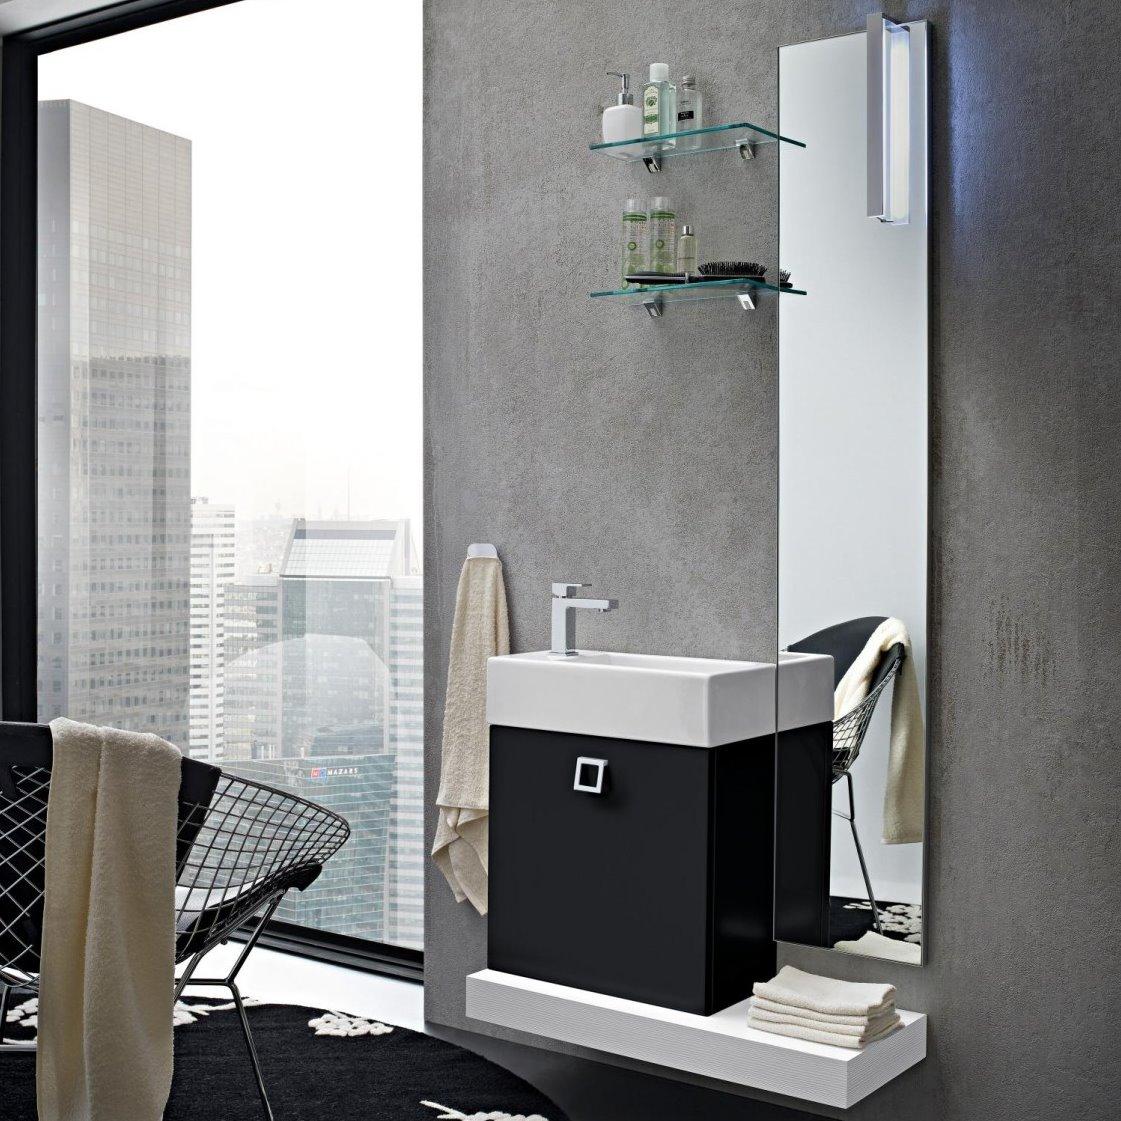 Idee bagno piccolo 6 idee per scegliere il mobile bagno arredaclick - Mobiletto salvaspazio bagno ...